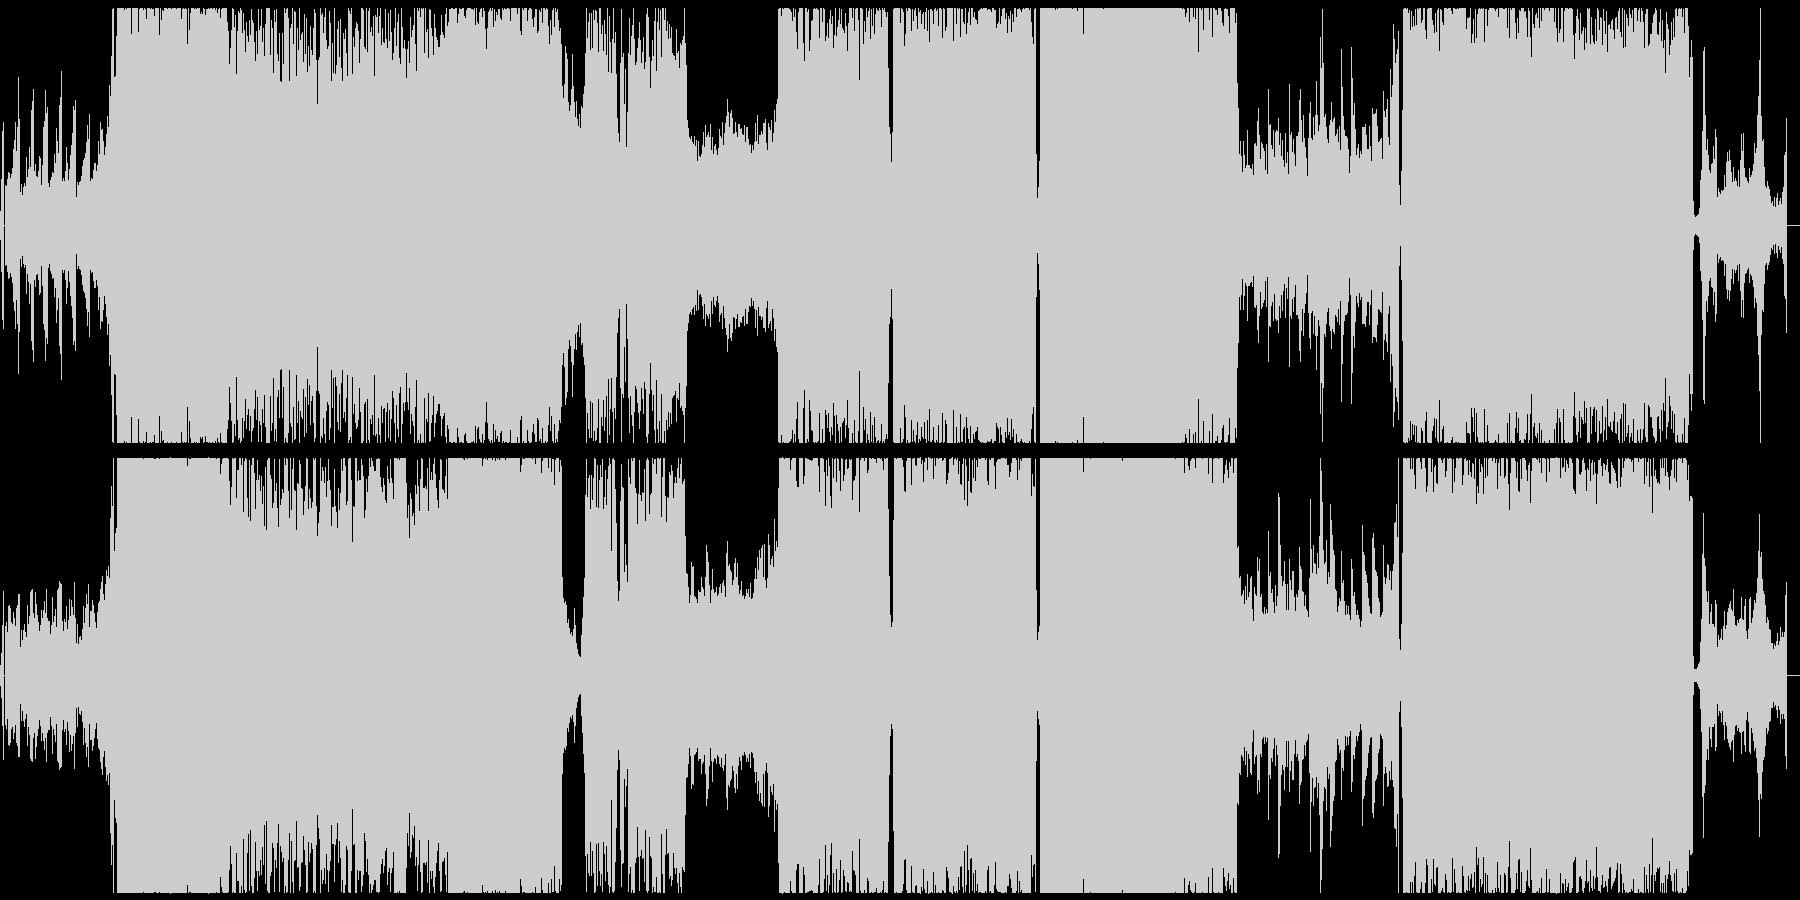 ダークなジェント風シンフォニックロックの未再生の波形